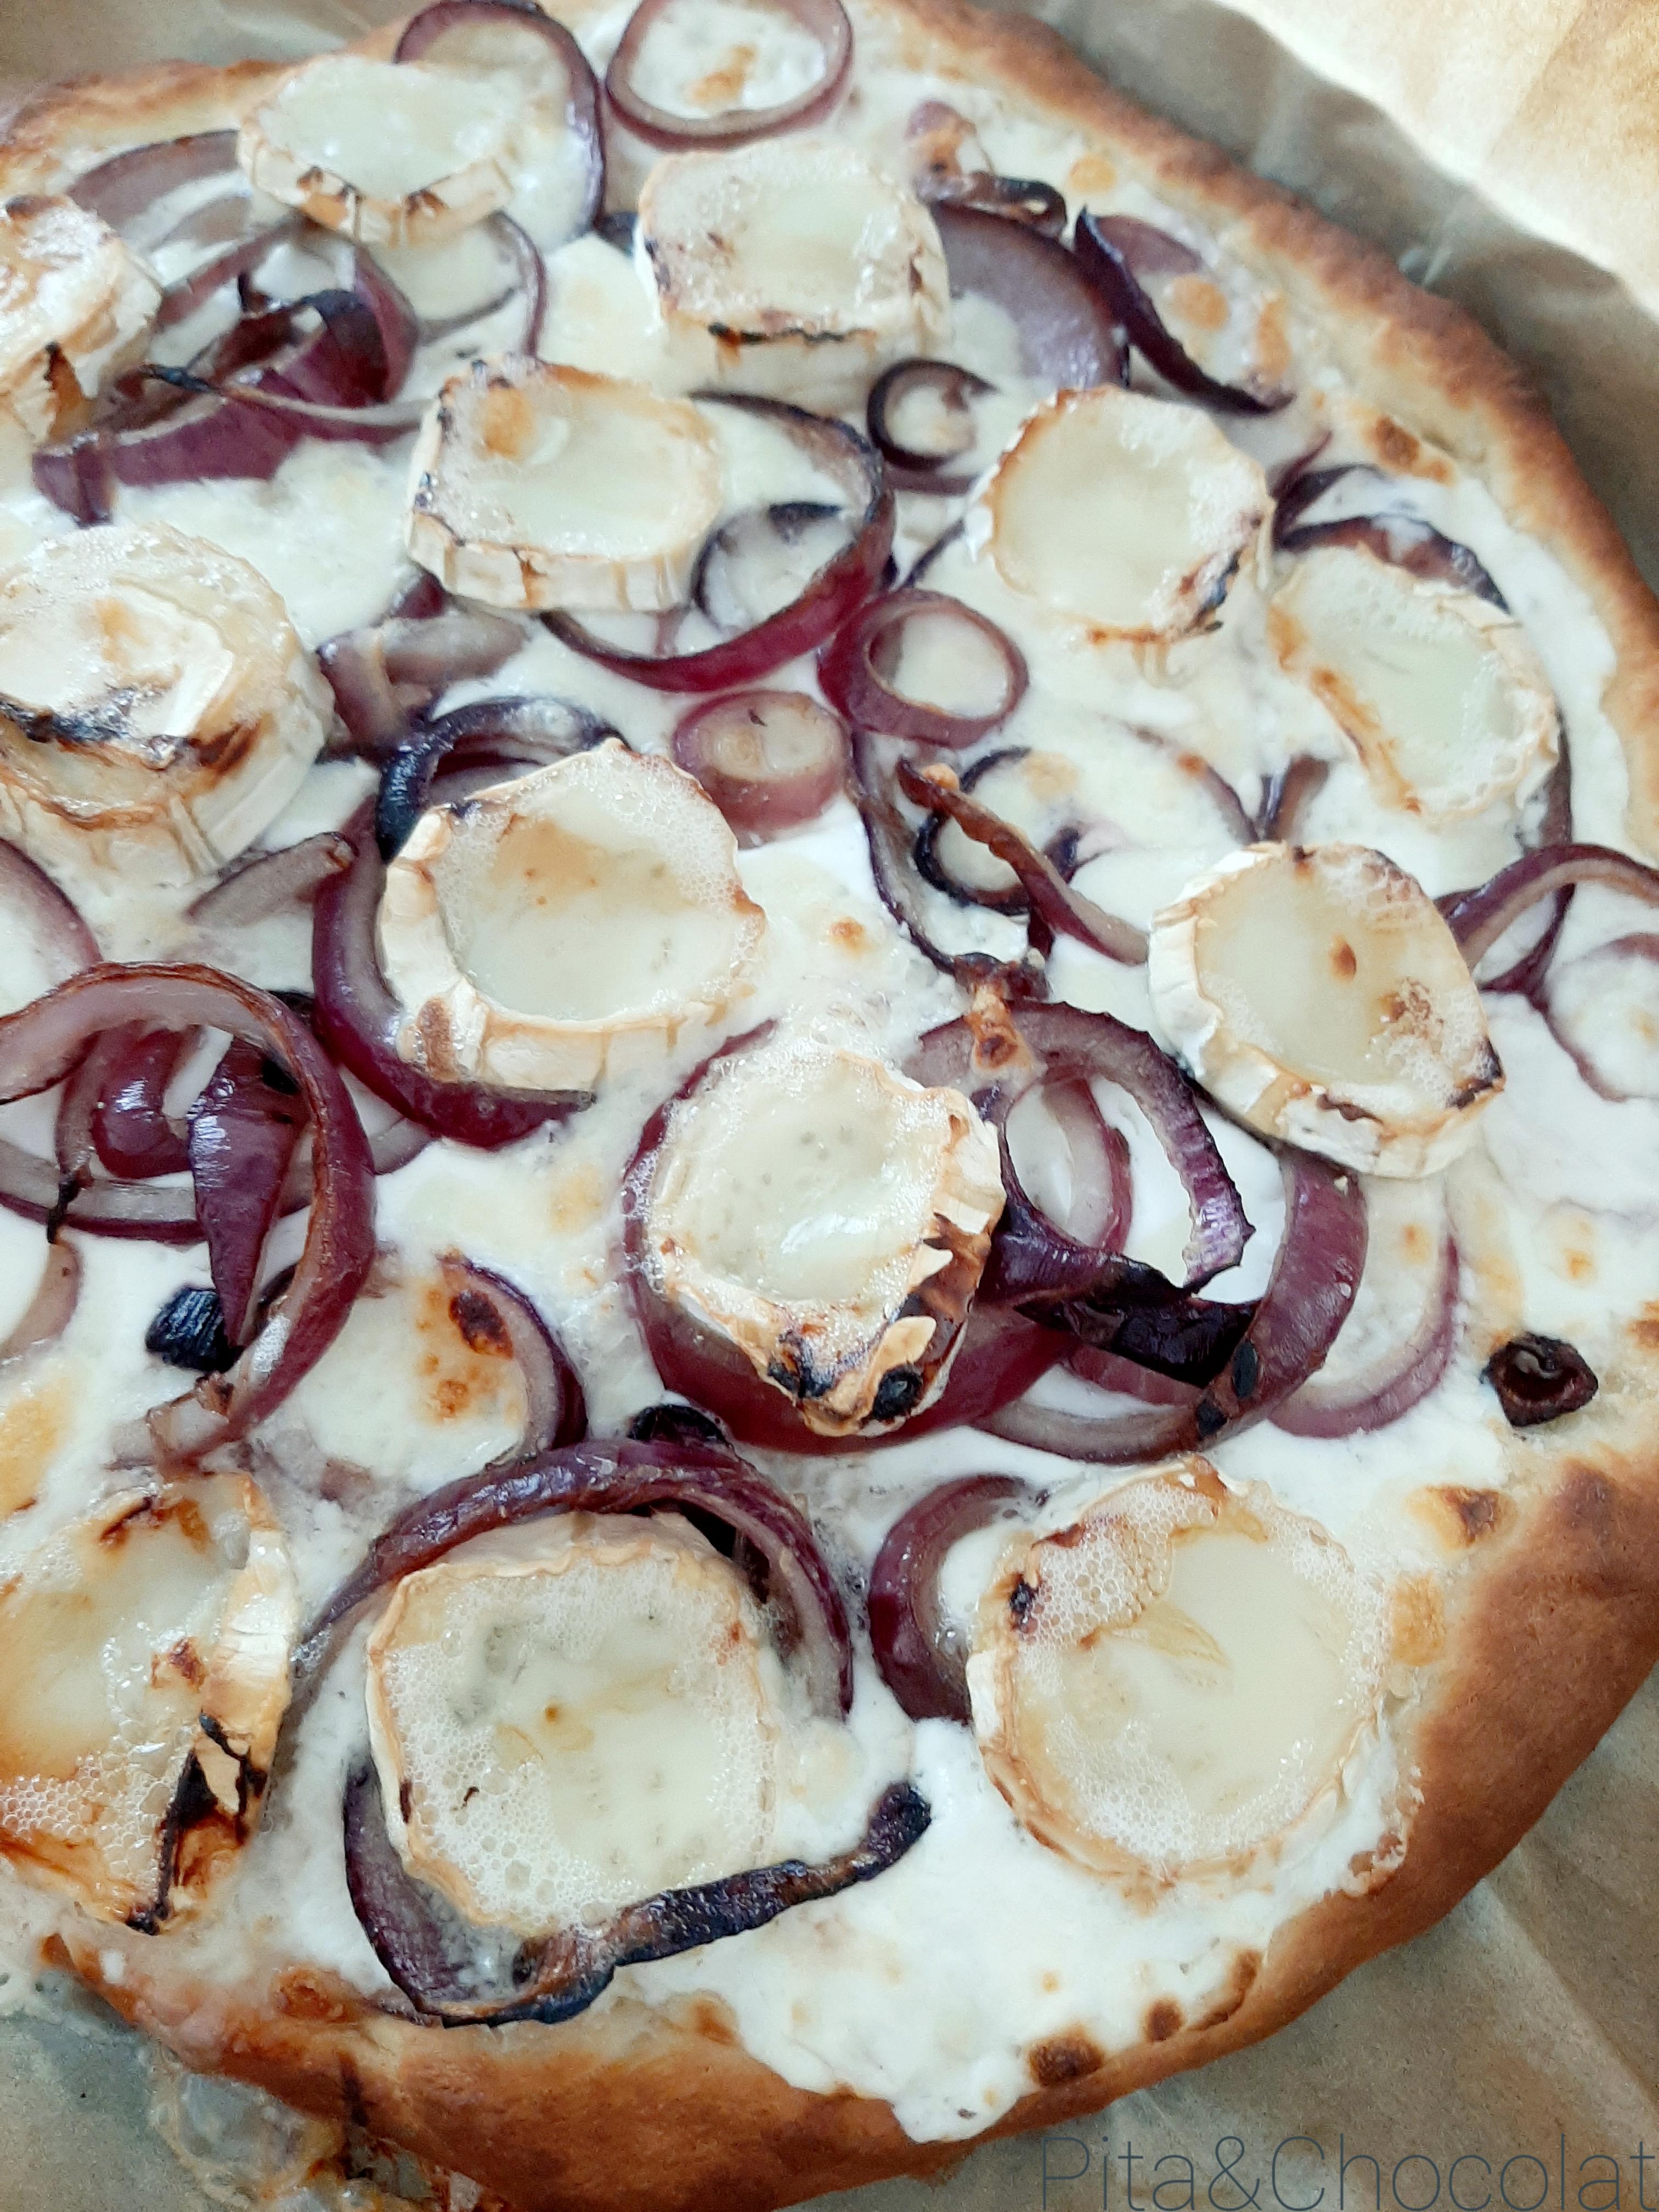 Pizza blanche - pizza bianca